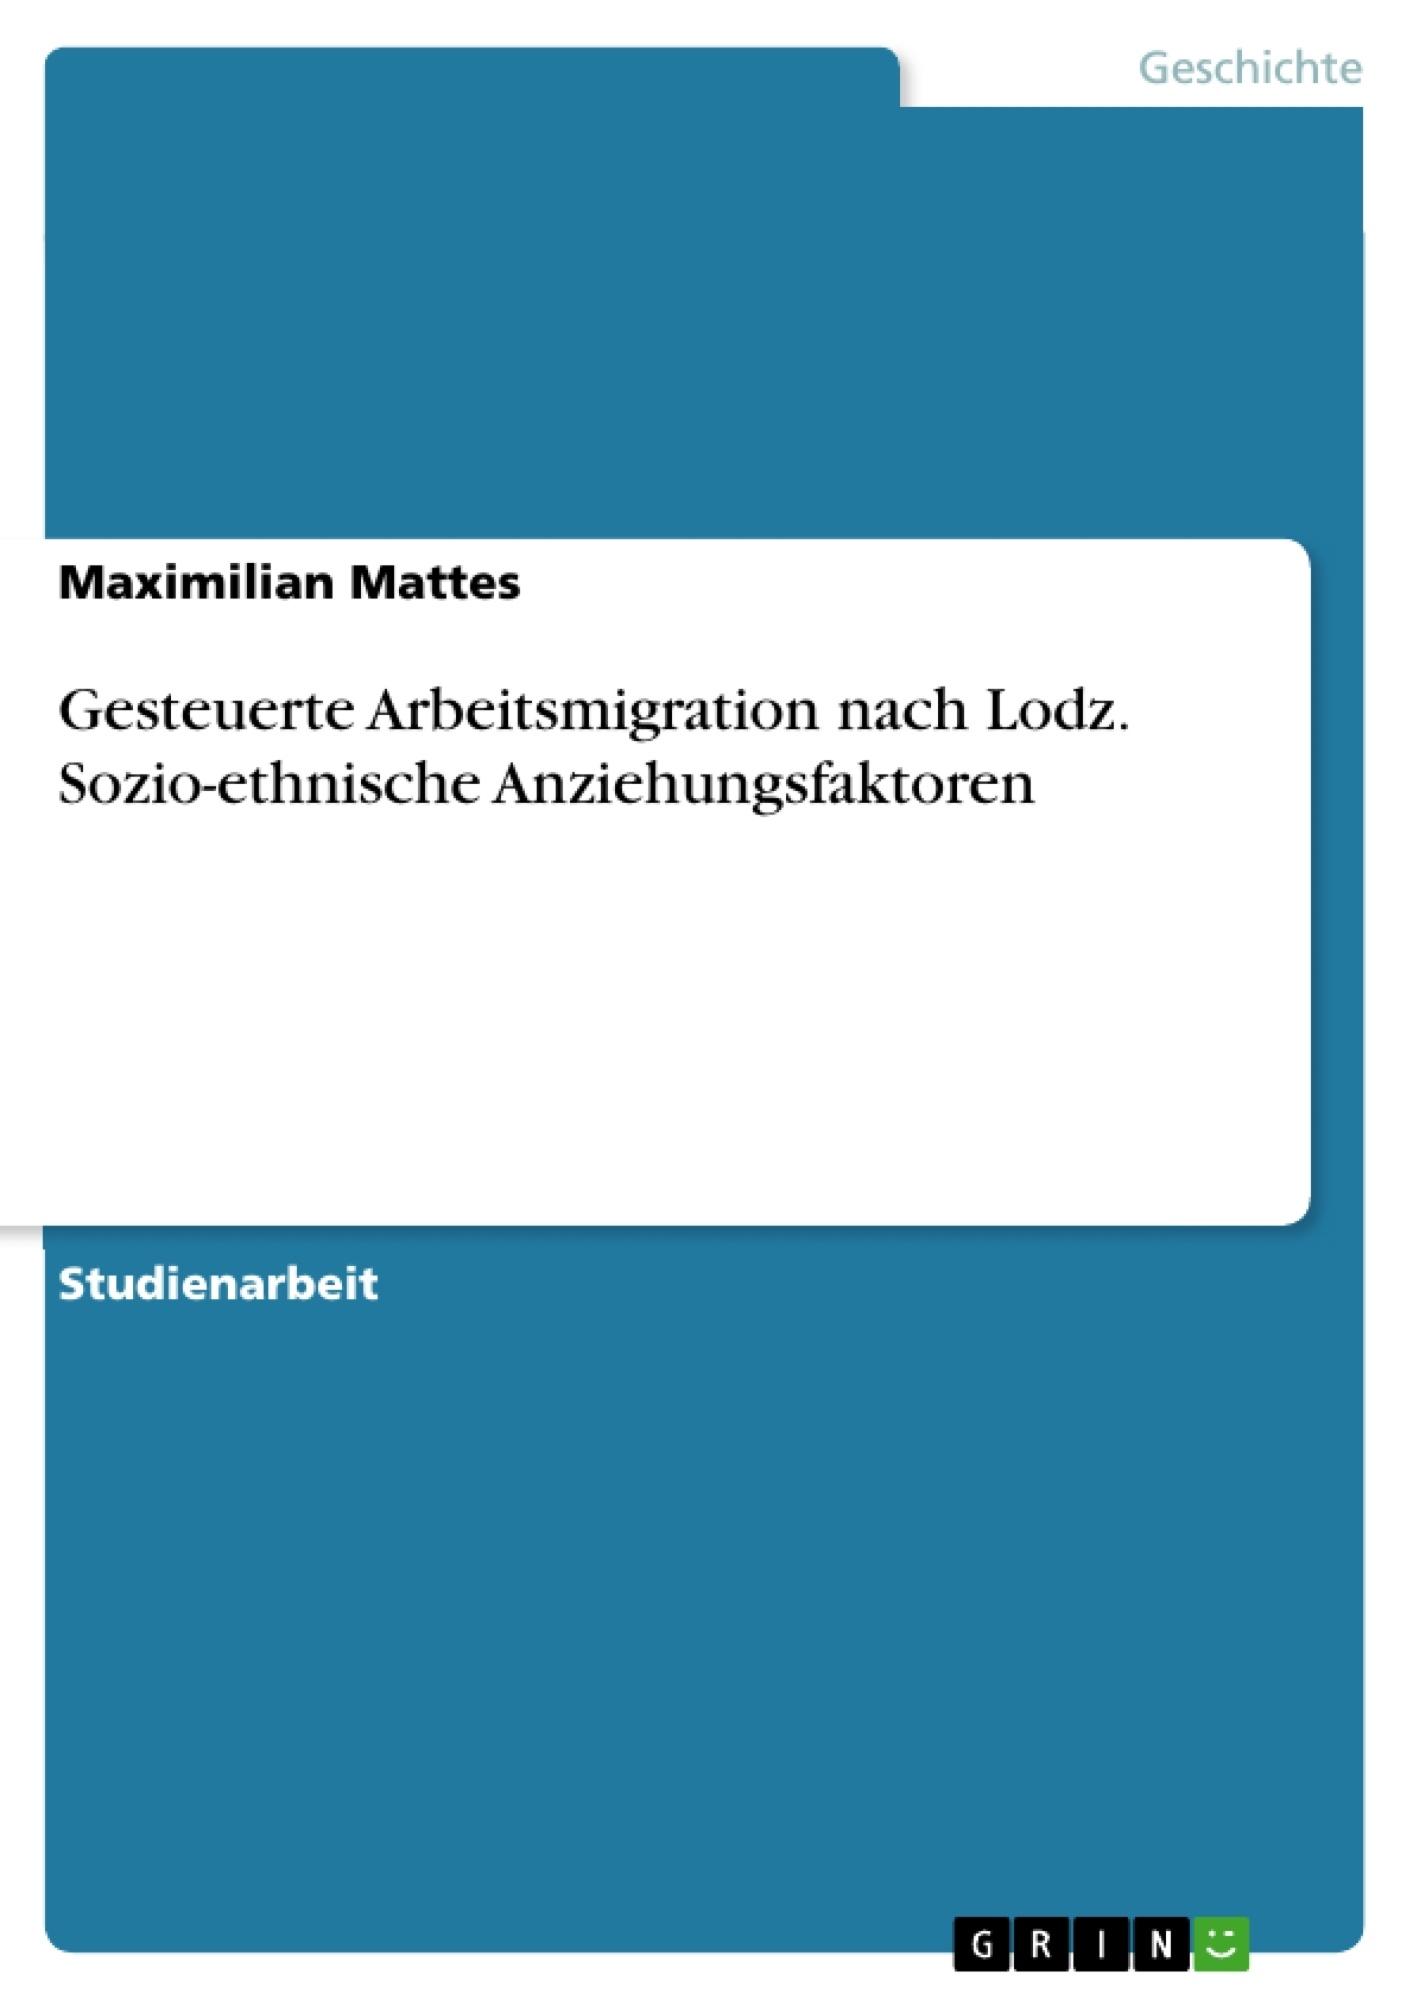 Titel: Gesteuerte Arbeitsmigration nach Lodz. Sozio-ethnische Anziehungsfaktoren